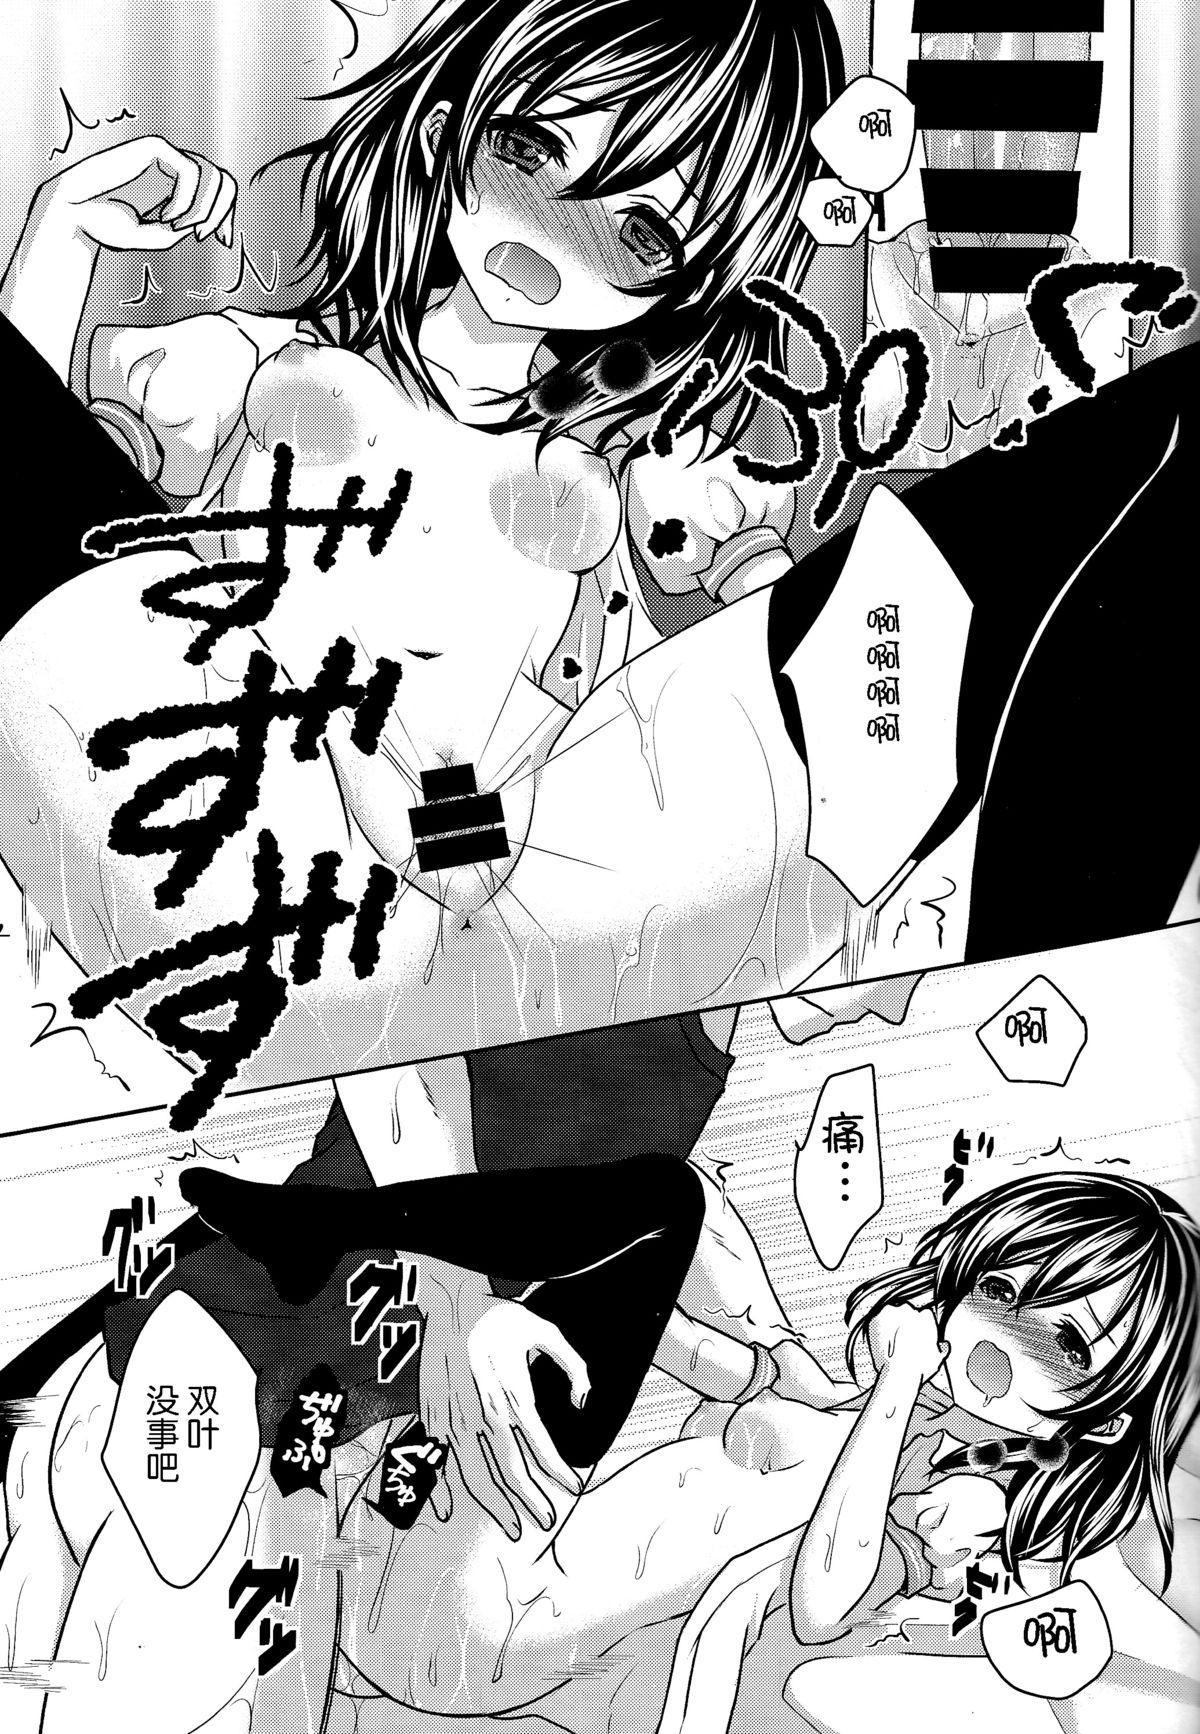 Onii-chan ni Otona ni Shite Moraou! 10